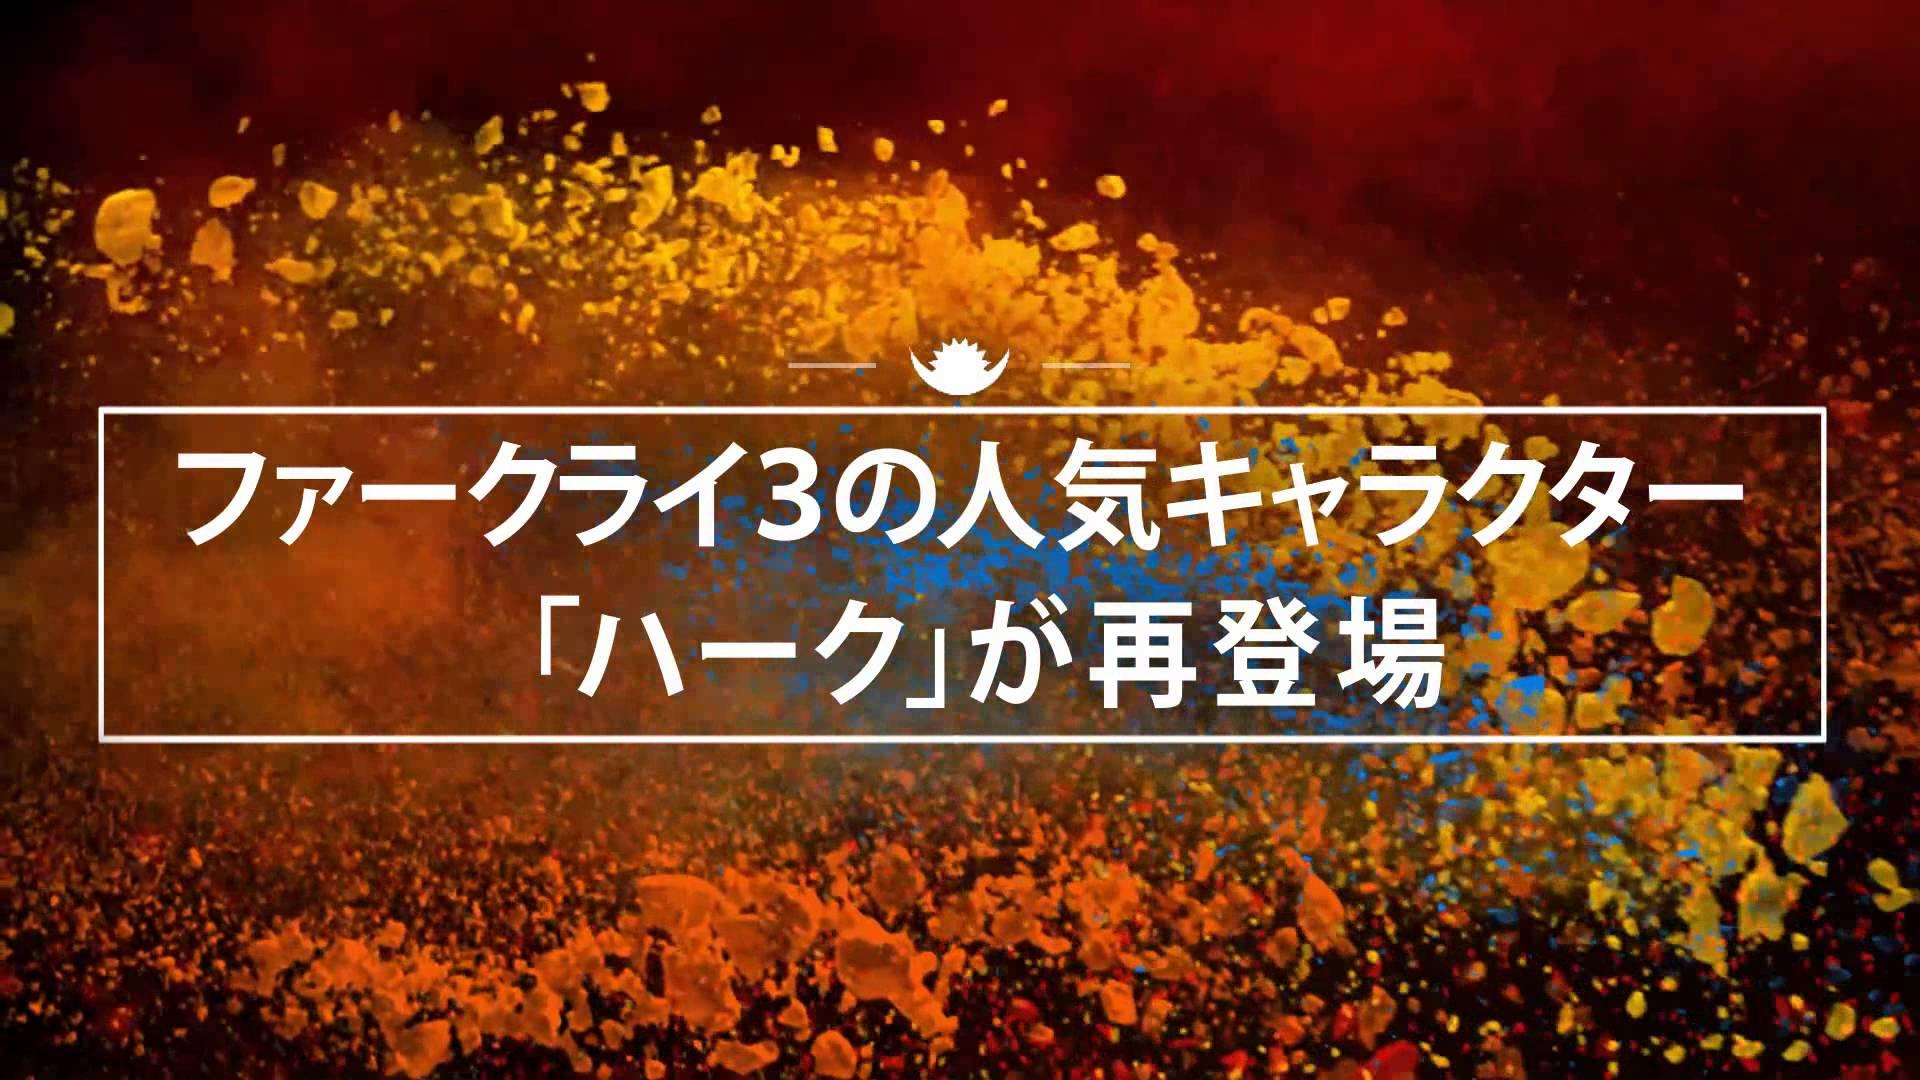 『ファークライ4』4つのDLC&限定ミッションをセットにした「シーズンパス」が発売決定!DL版早期購入特典も発表